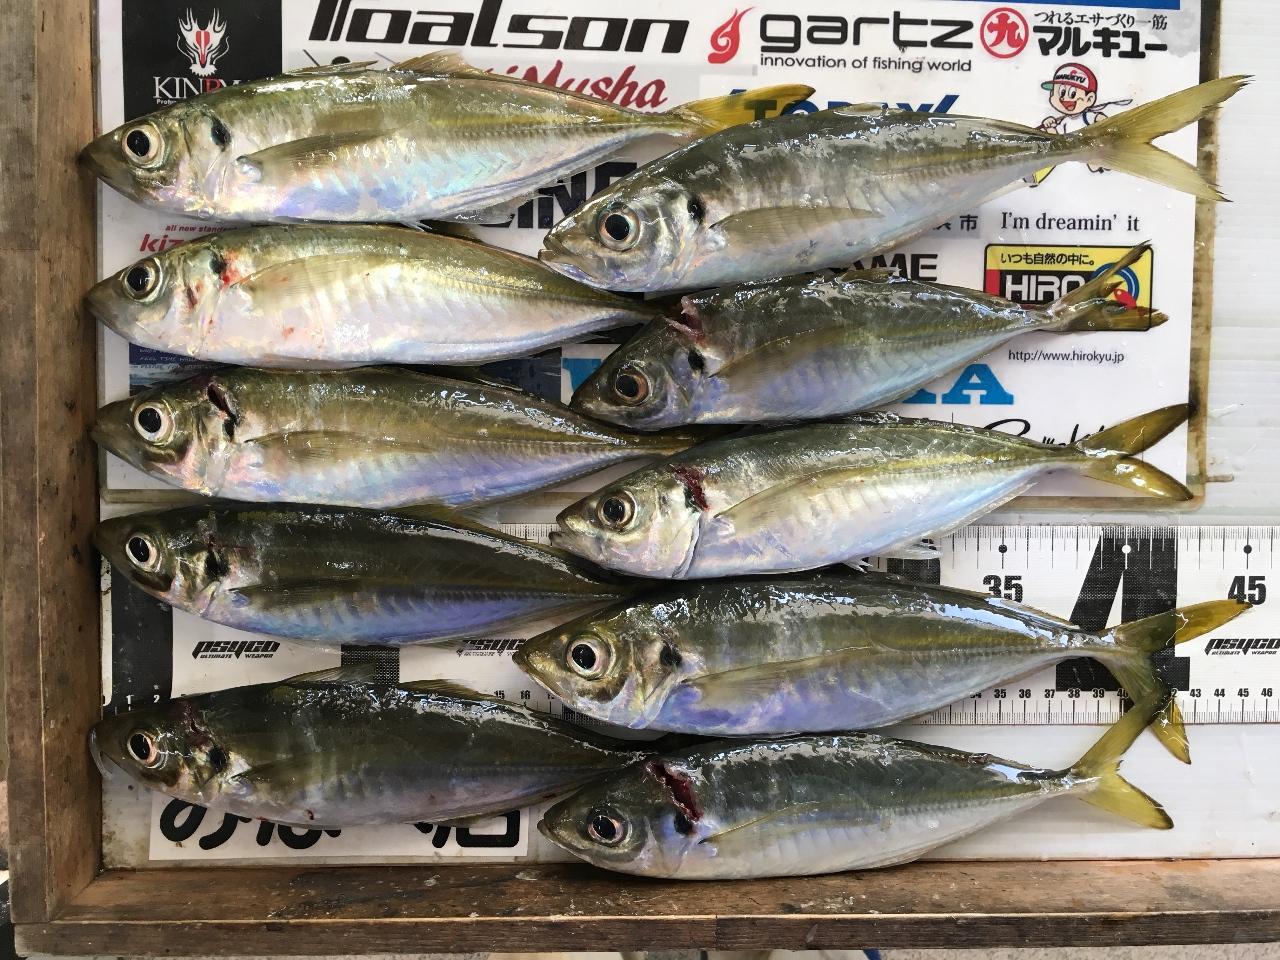 2/2M村ノリオ様 加尾漁港でアジ 25cmから約30尾